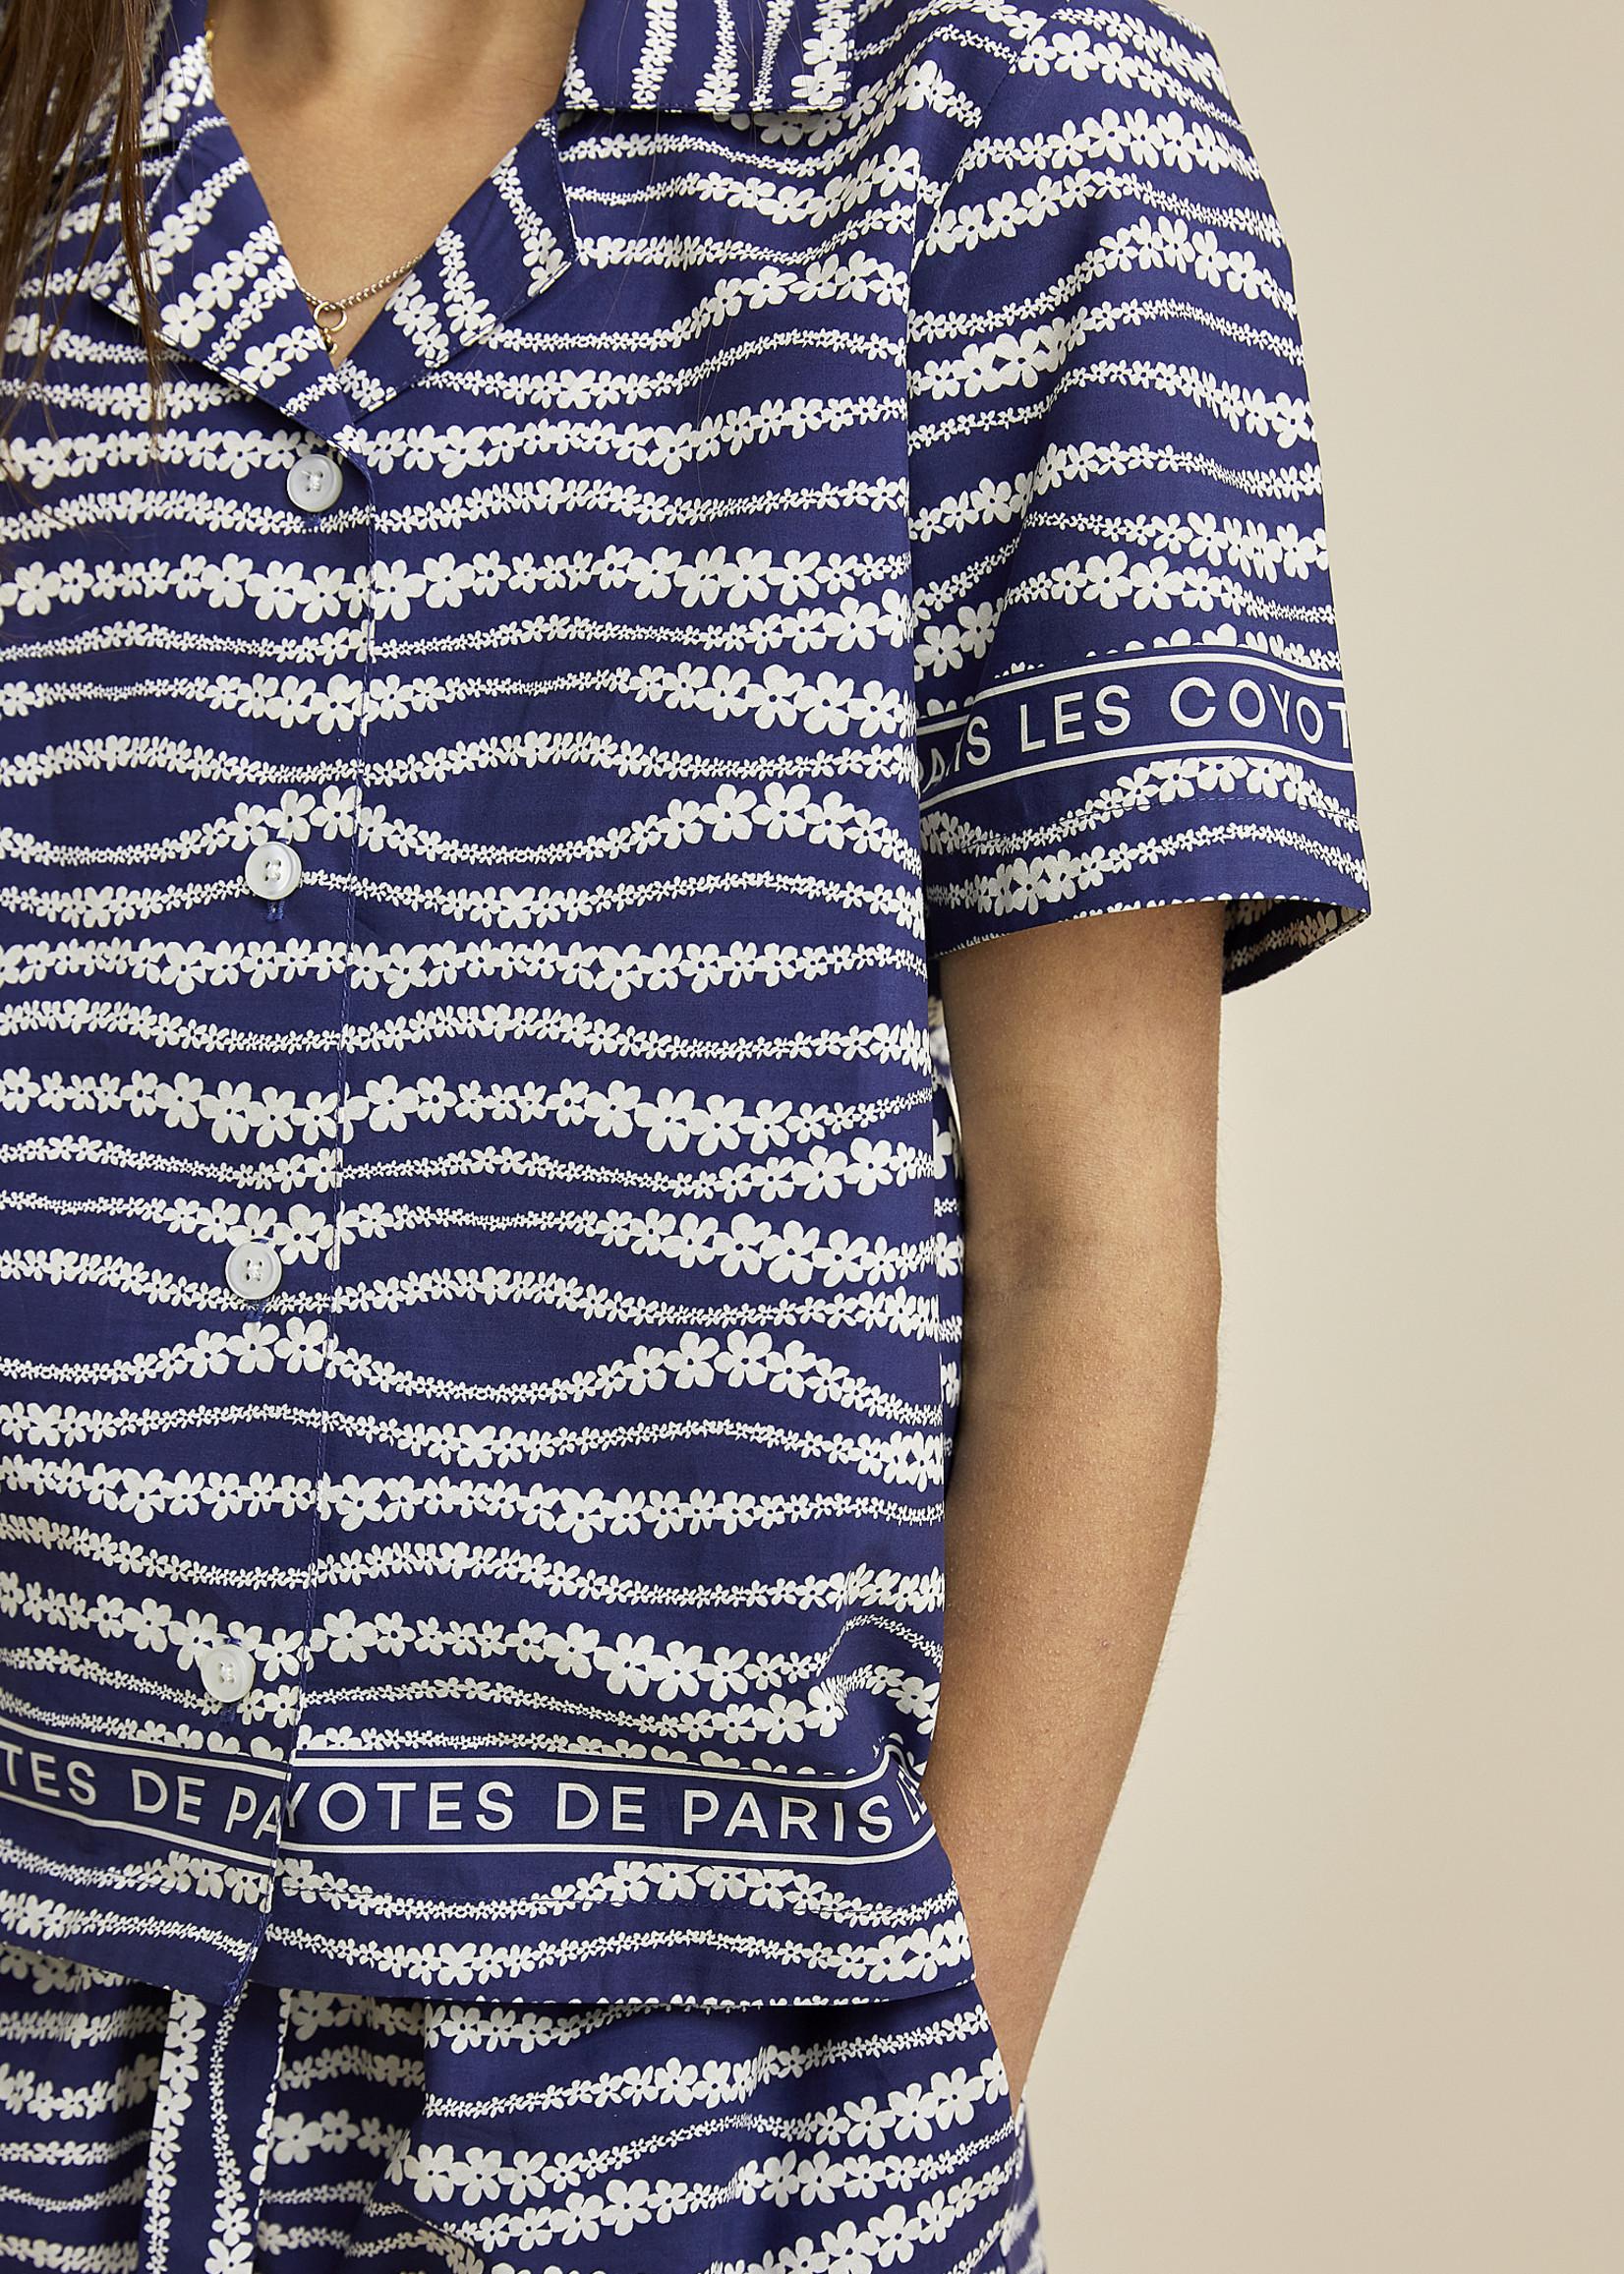 LES COYOTES DE PARIS BLOUSE AIKO